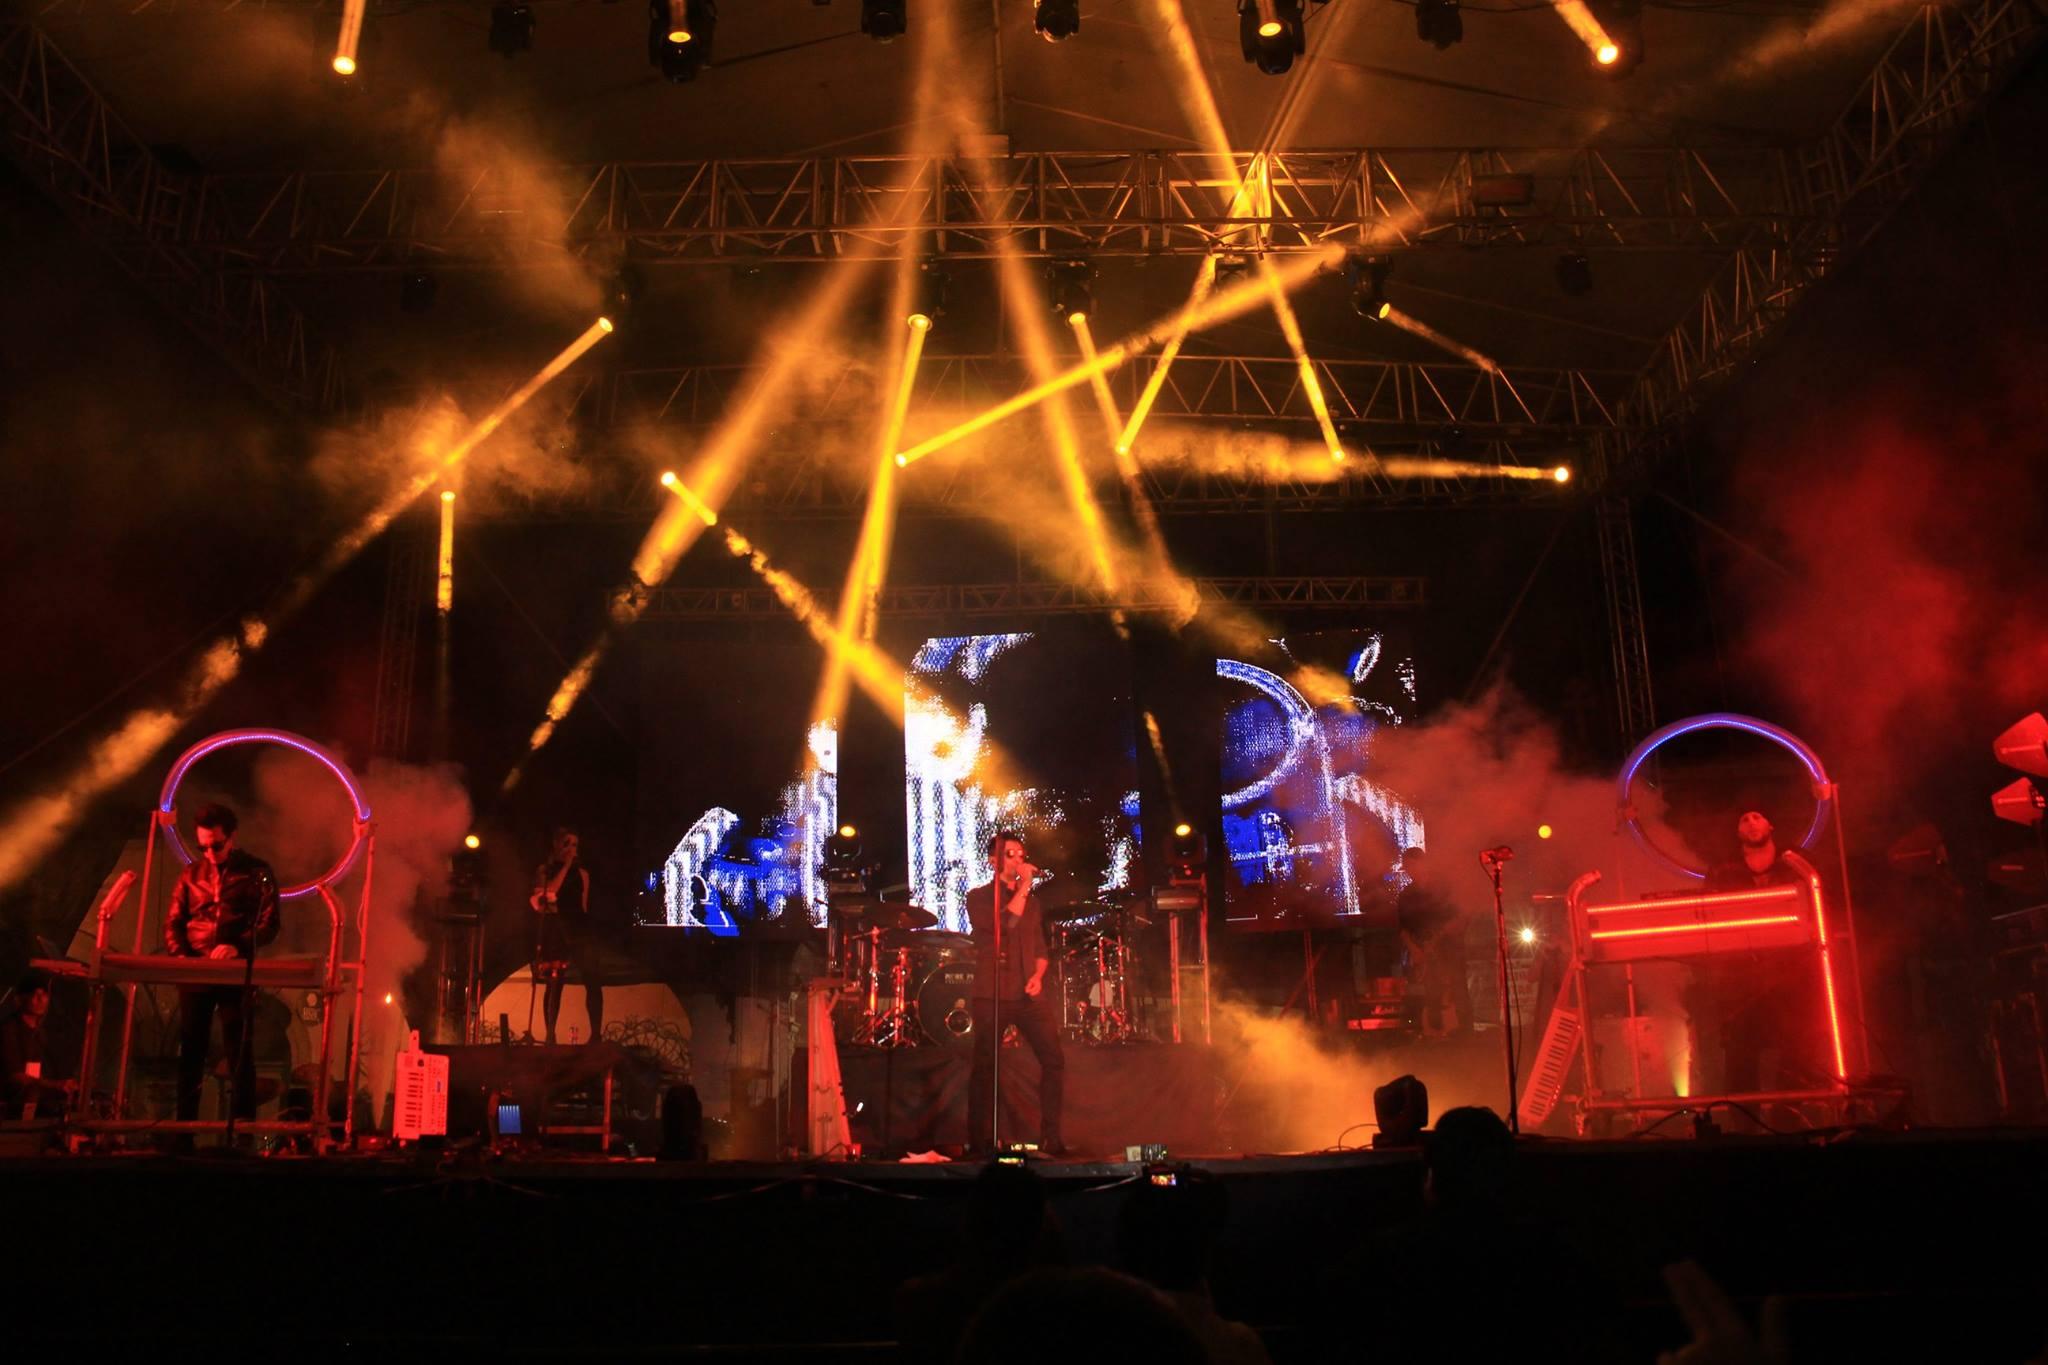 El reconocido grupo de rock pop Moenia, fueron los encargados de poner durante casi 2 horas a cantar y bailar con cada uno de sus éxitos a los miles de asistentes que abarrotaron la explanada del Carmen